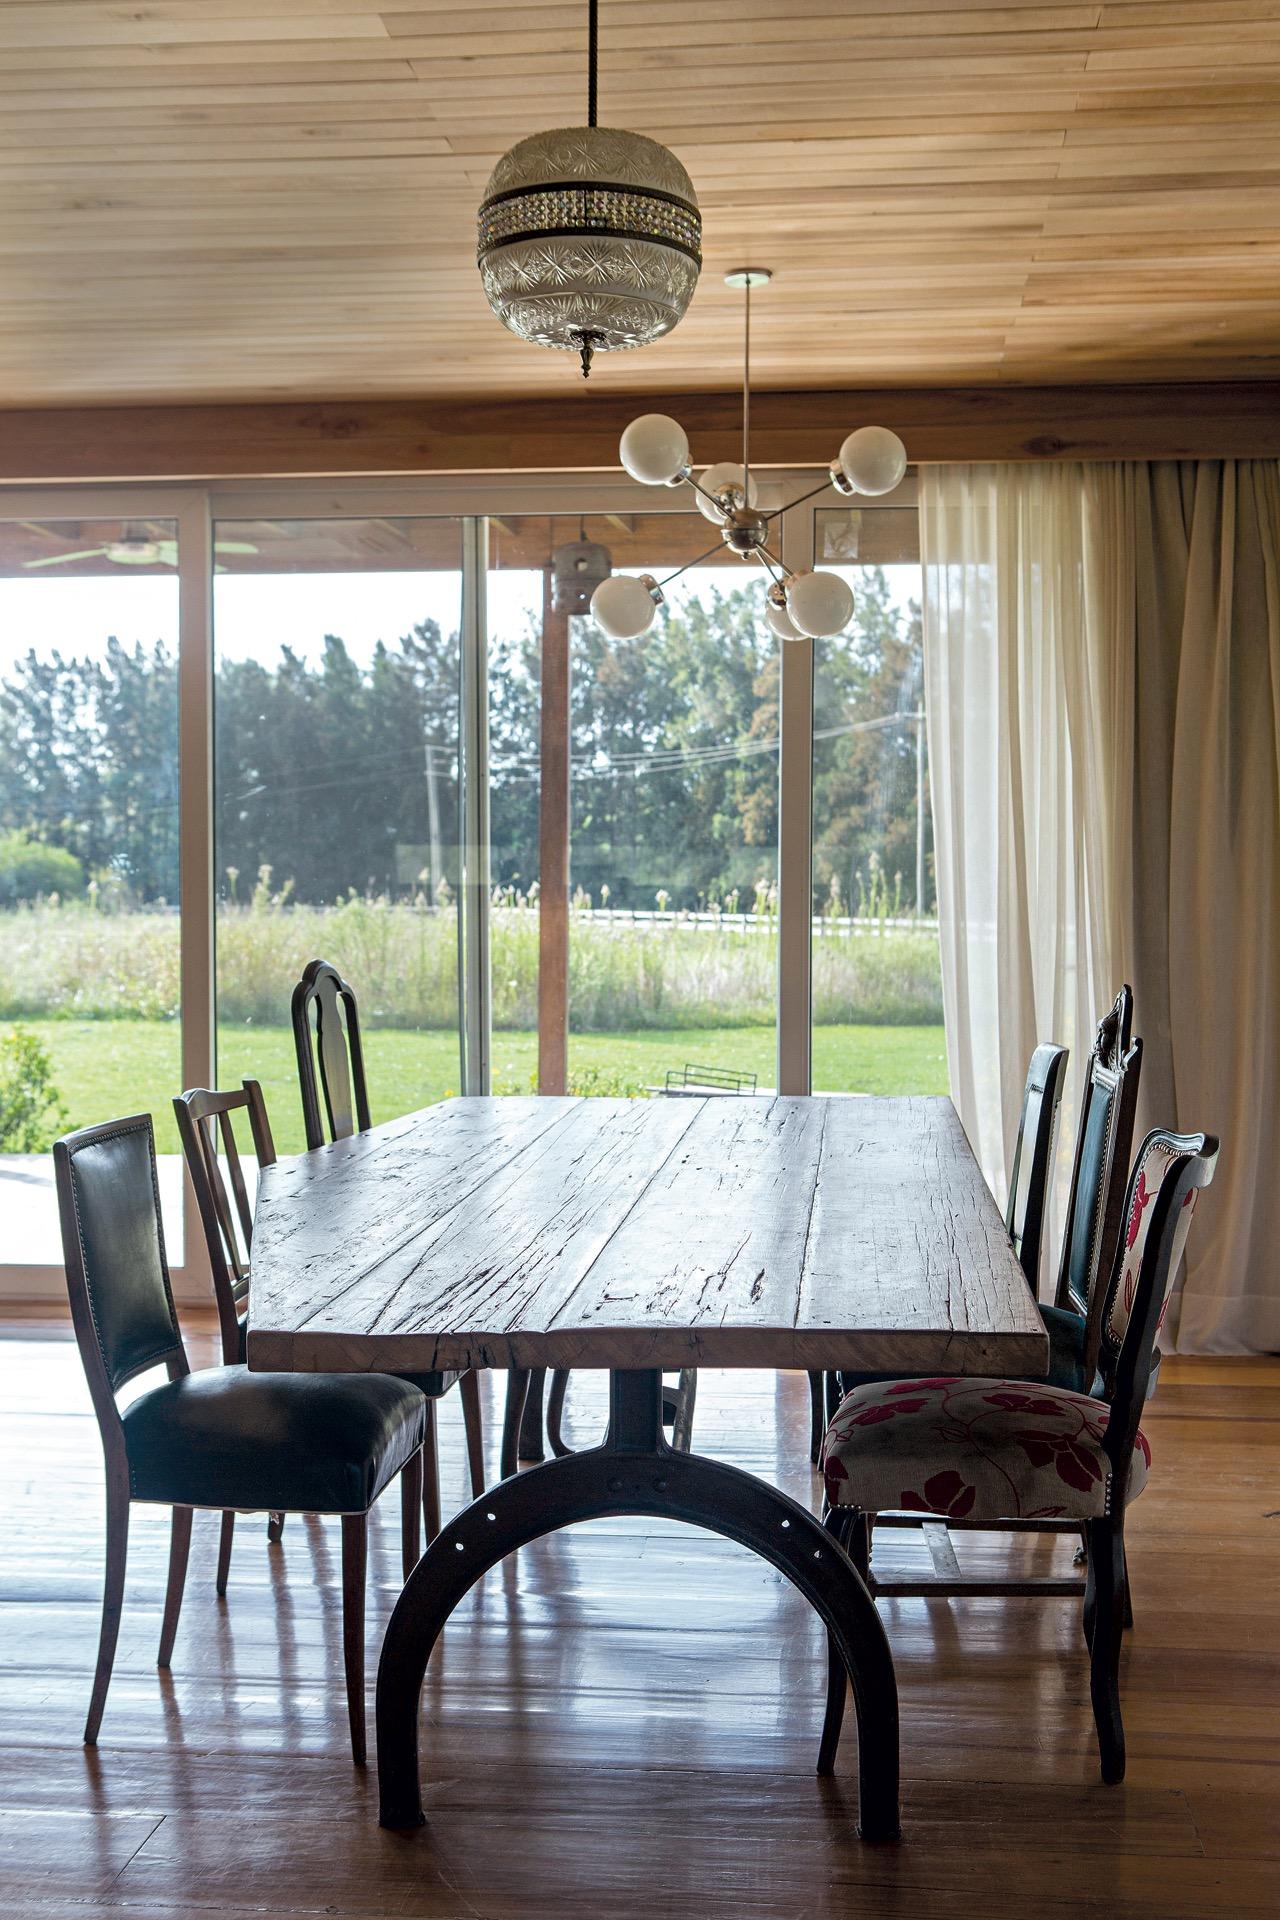 Una mesa de campo rústica con sillas de diferentes estilos conforman el comedor.